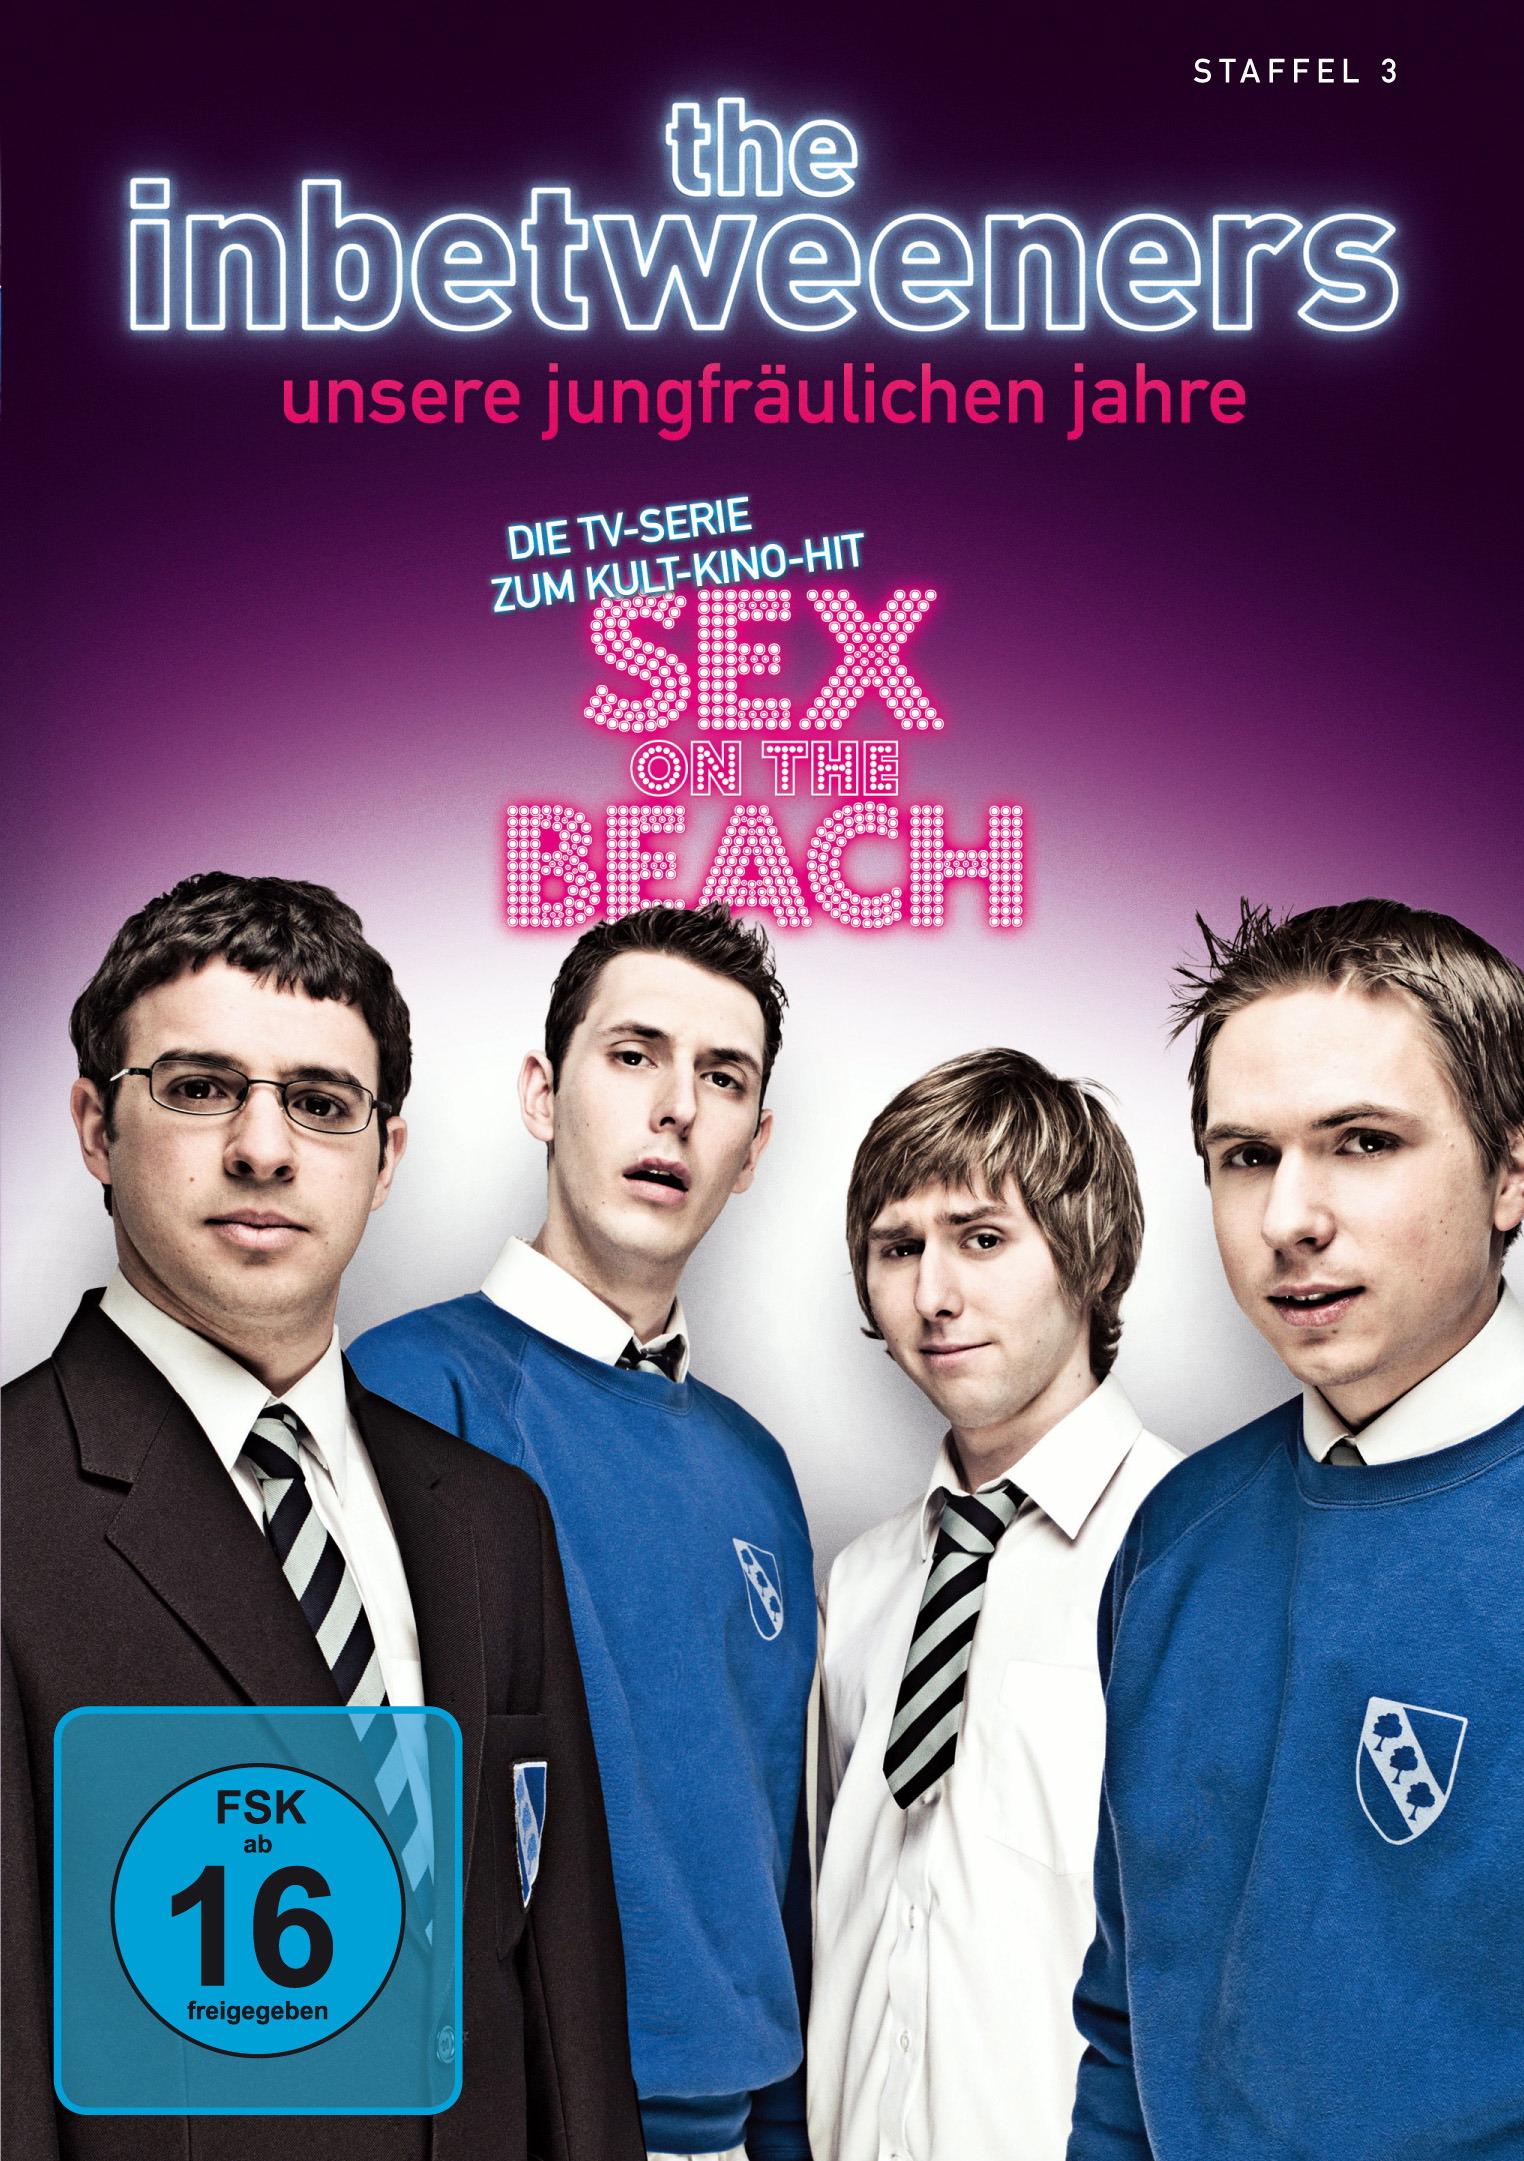 The Inbetweeners - Unsere jungfräulichen Jahre, Staffel 3 Poster